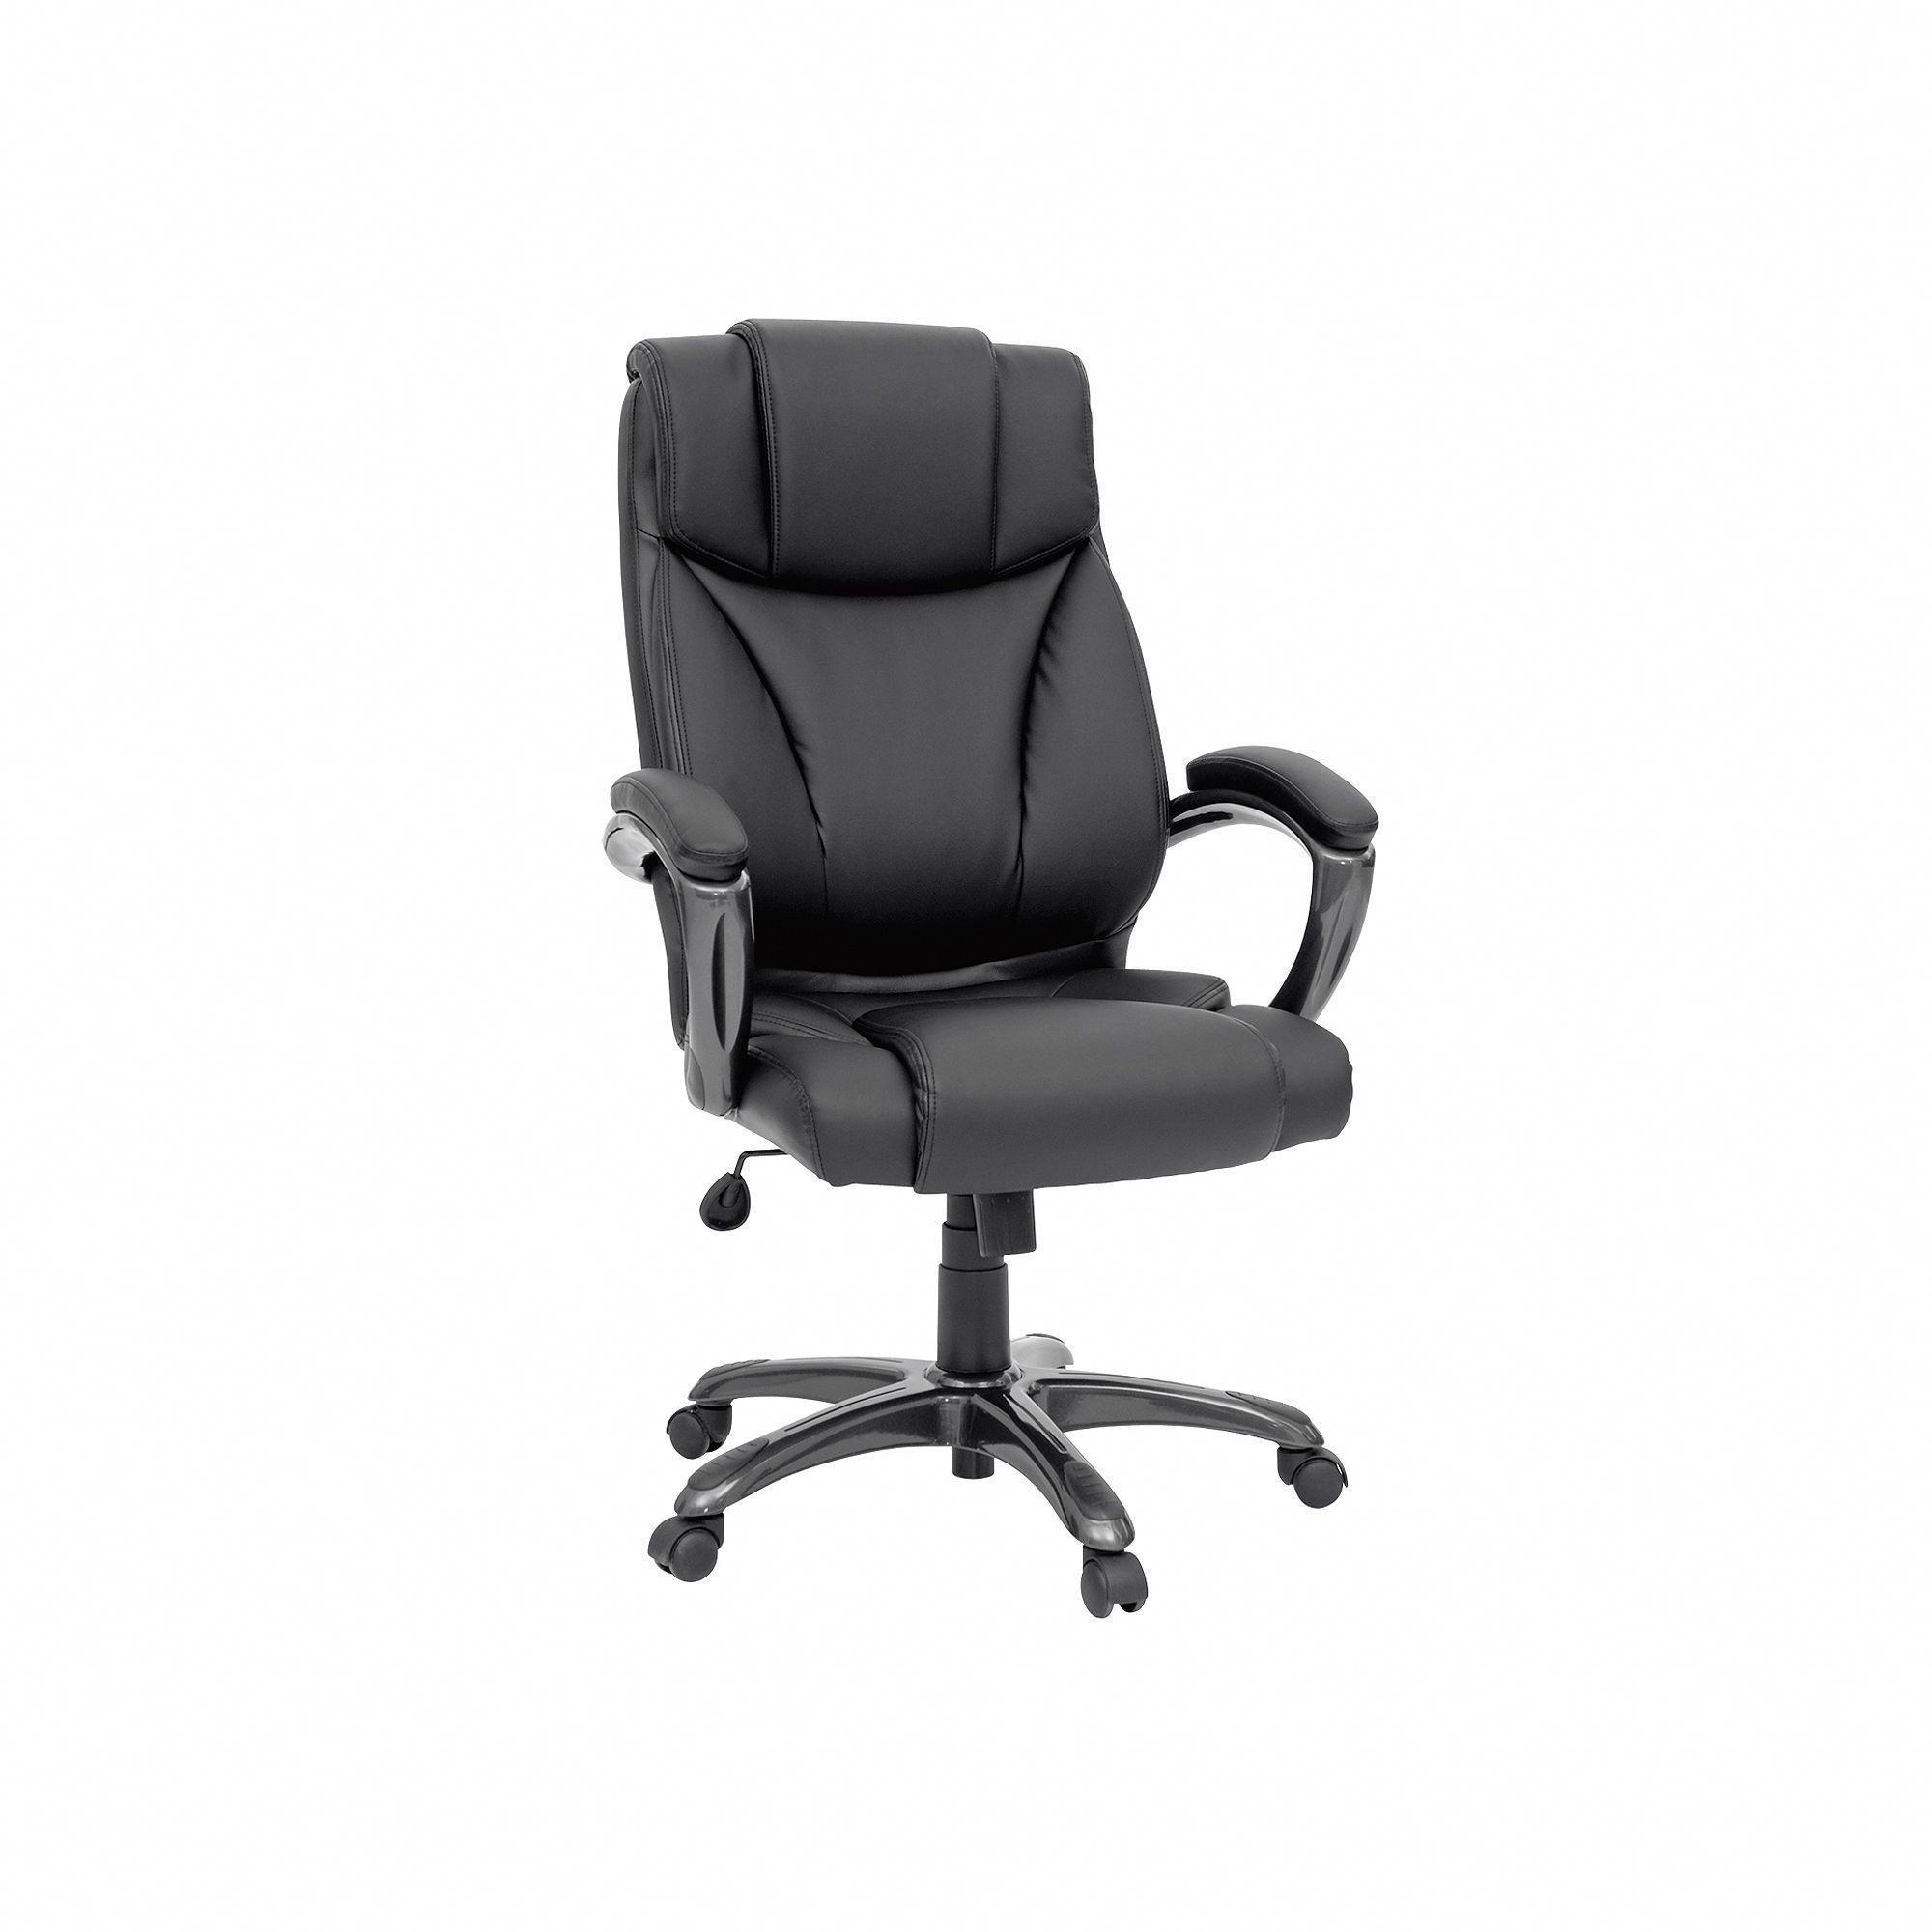 Swivel Rocker Recliner Chair LowerBackPainProducts in